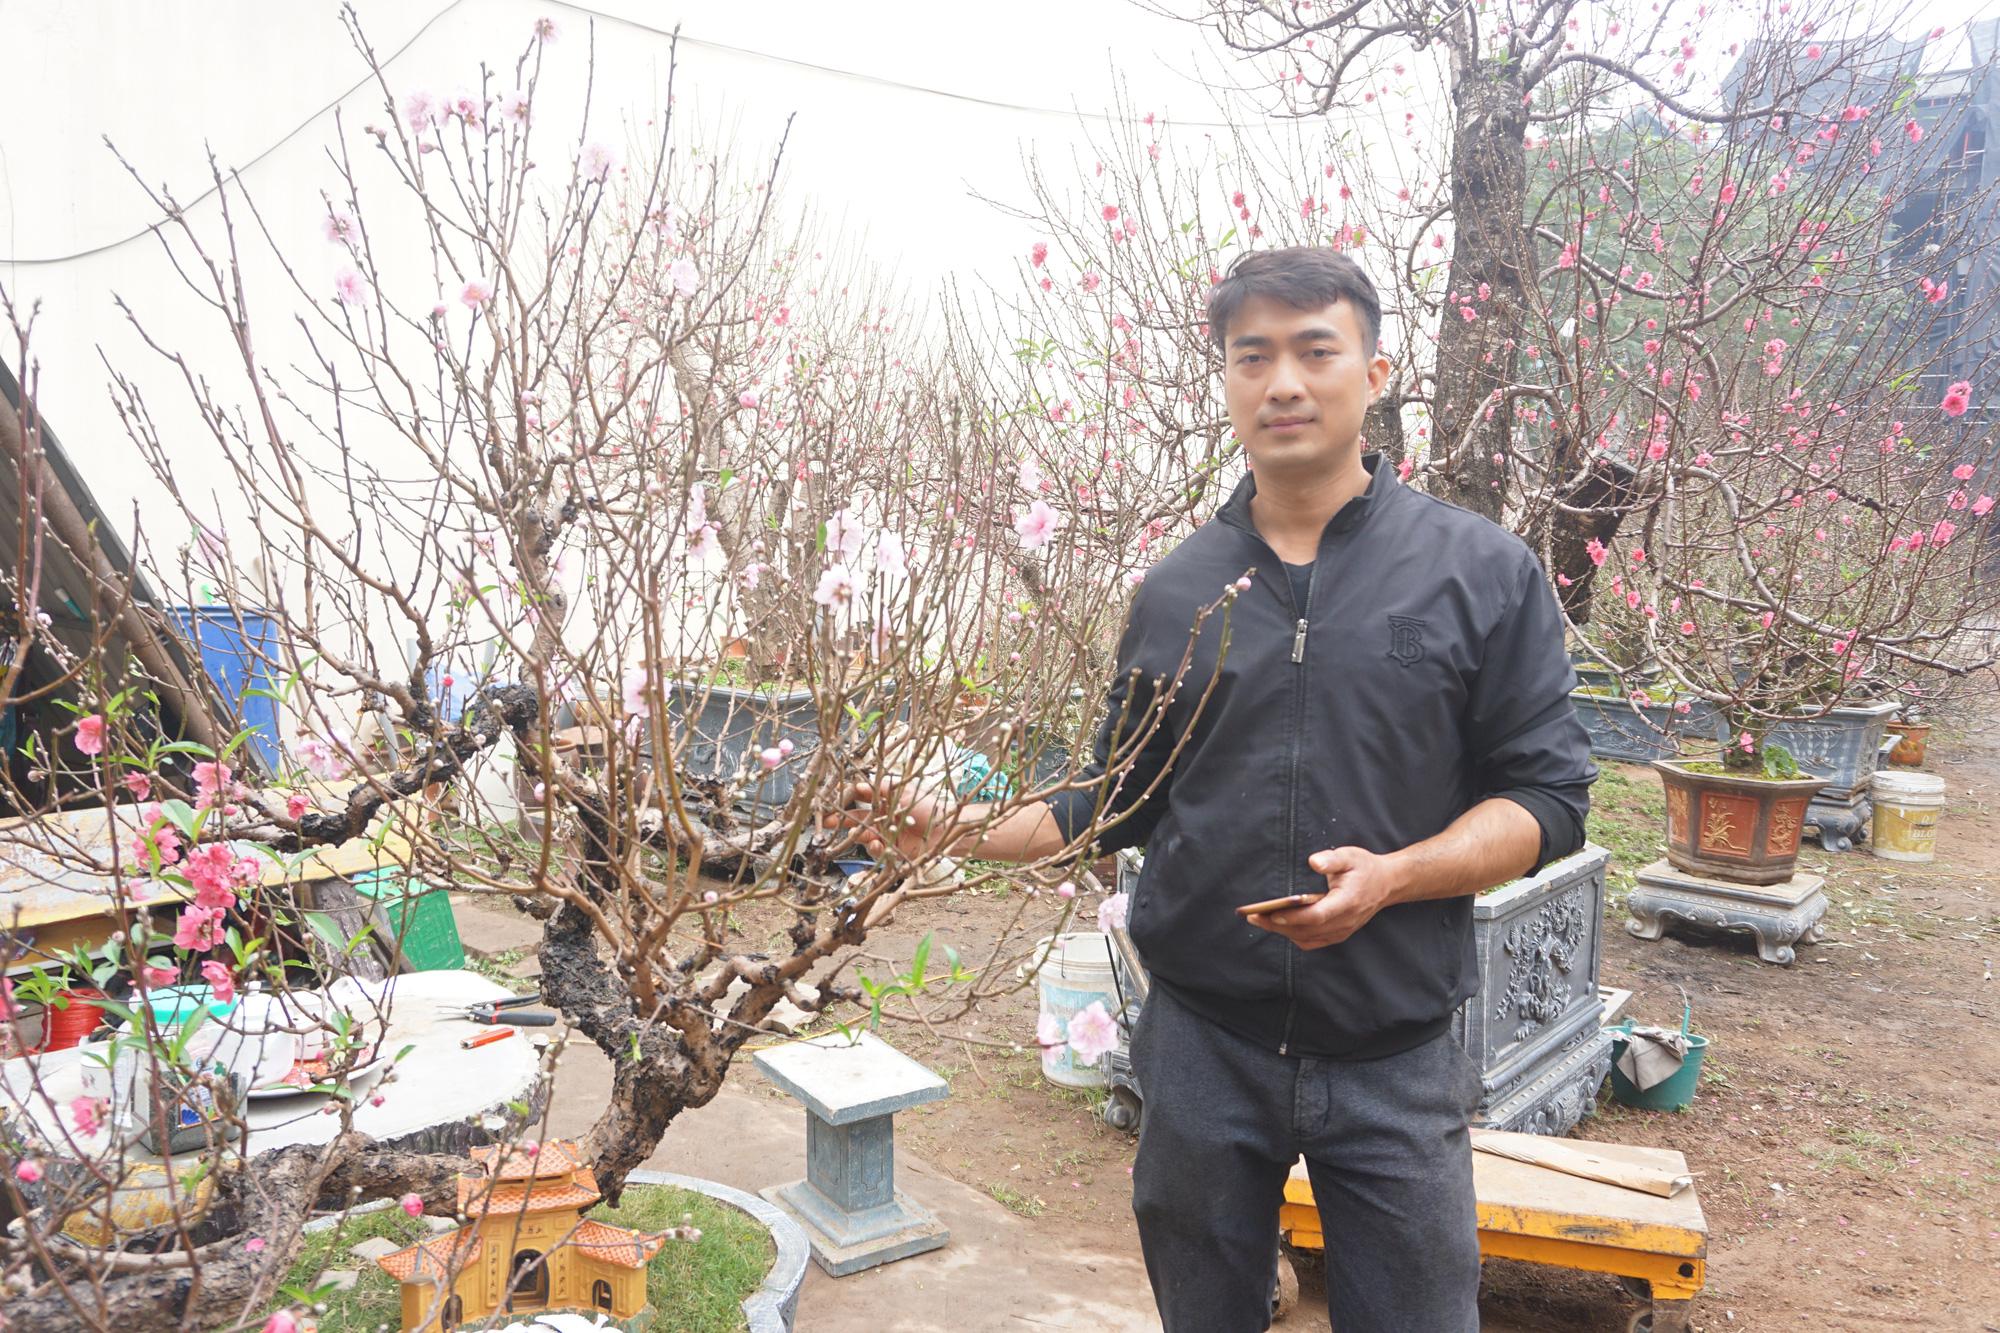 """Hà Nội: Đào Nhật Tân hàng chục năm tuổi được """"săn đón gắt gao"""", có người ngã giá cả trăm triệu về trưng Tết - Ảnh 5."""